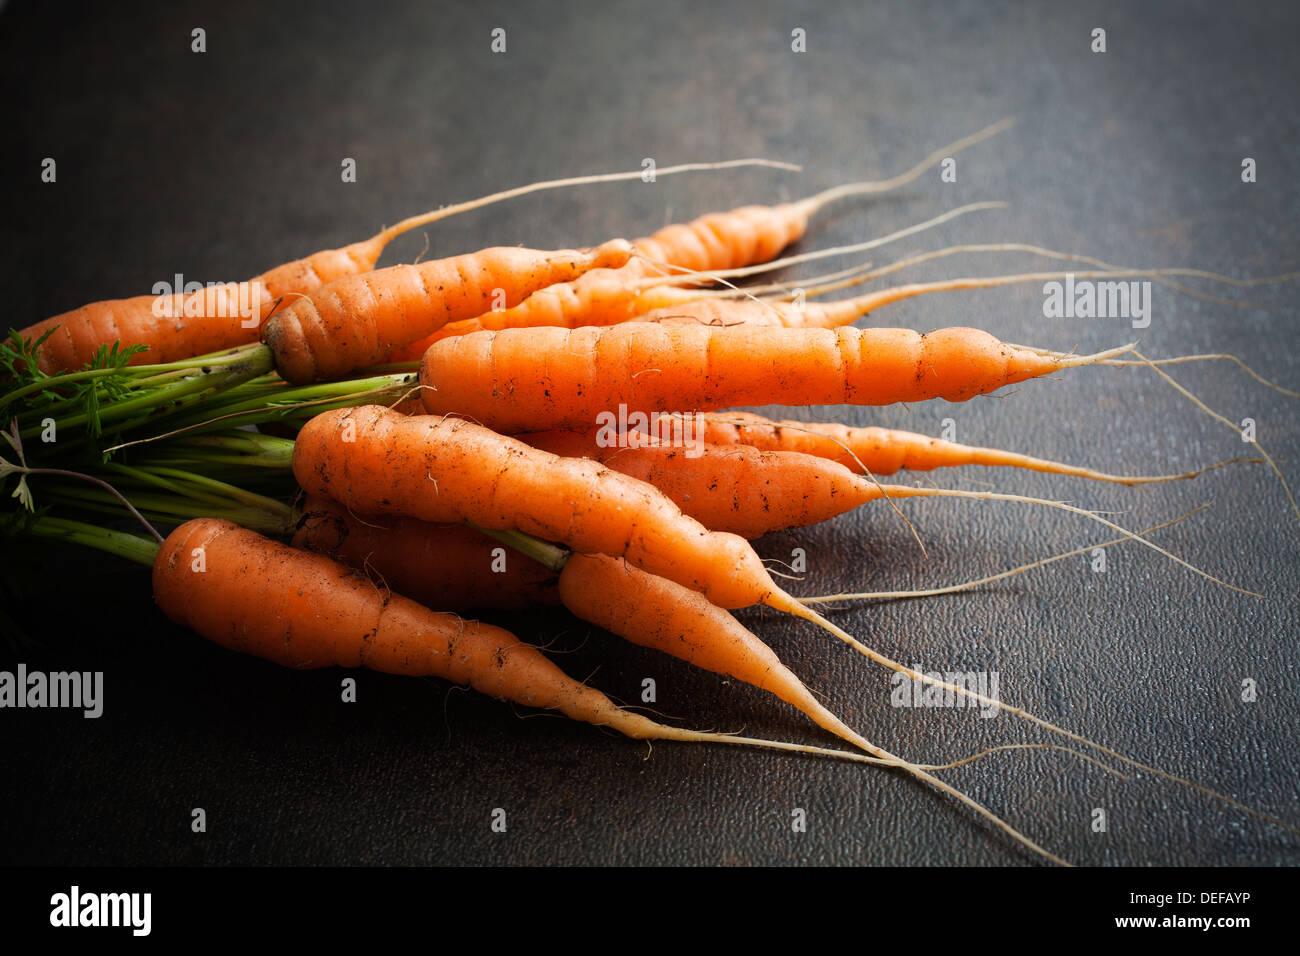 Mazzo di carote fresche su sfondo scuro Immagini Stock